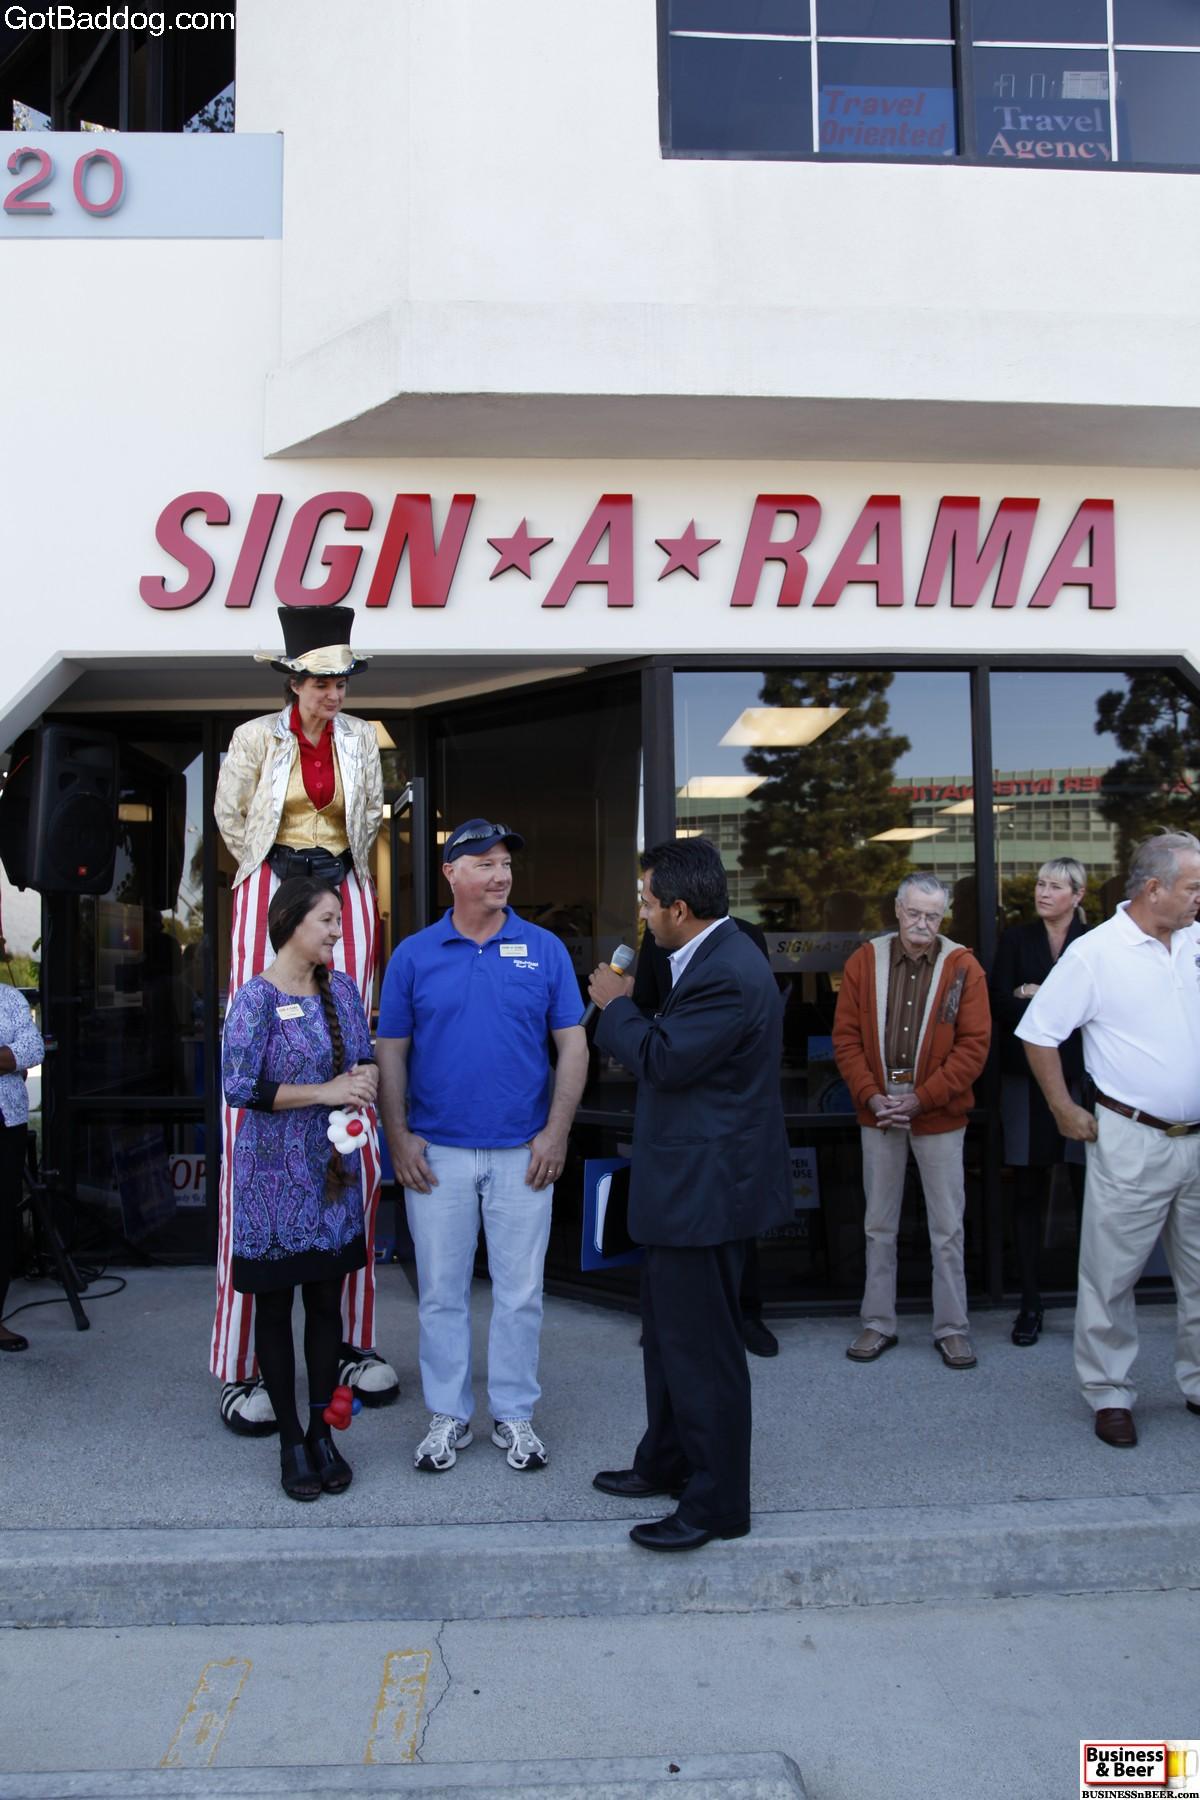 sign-a-rama1647